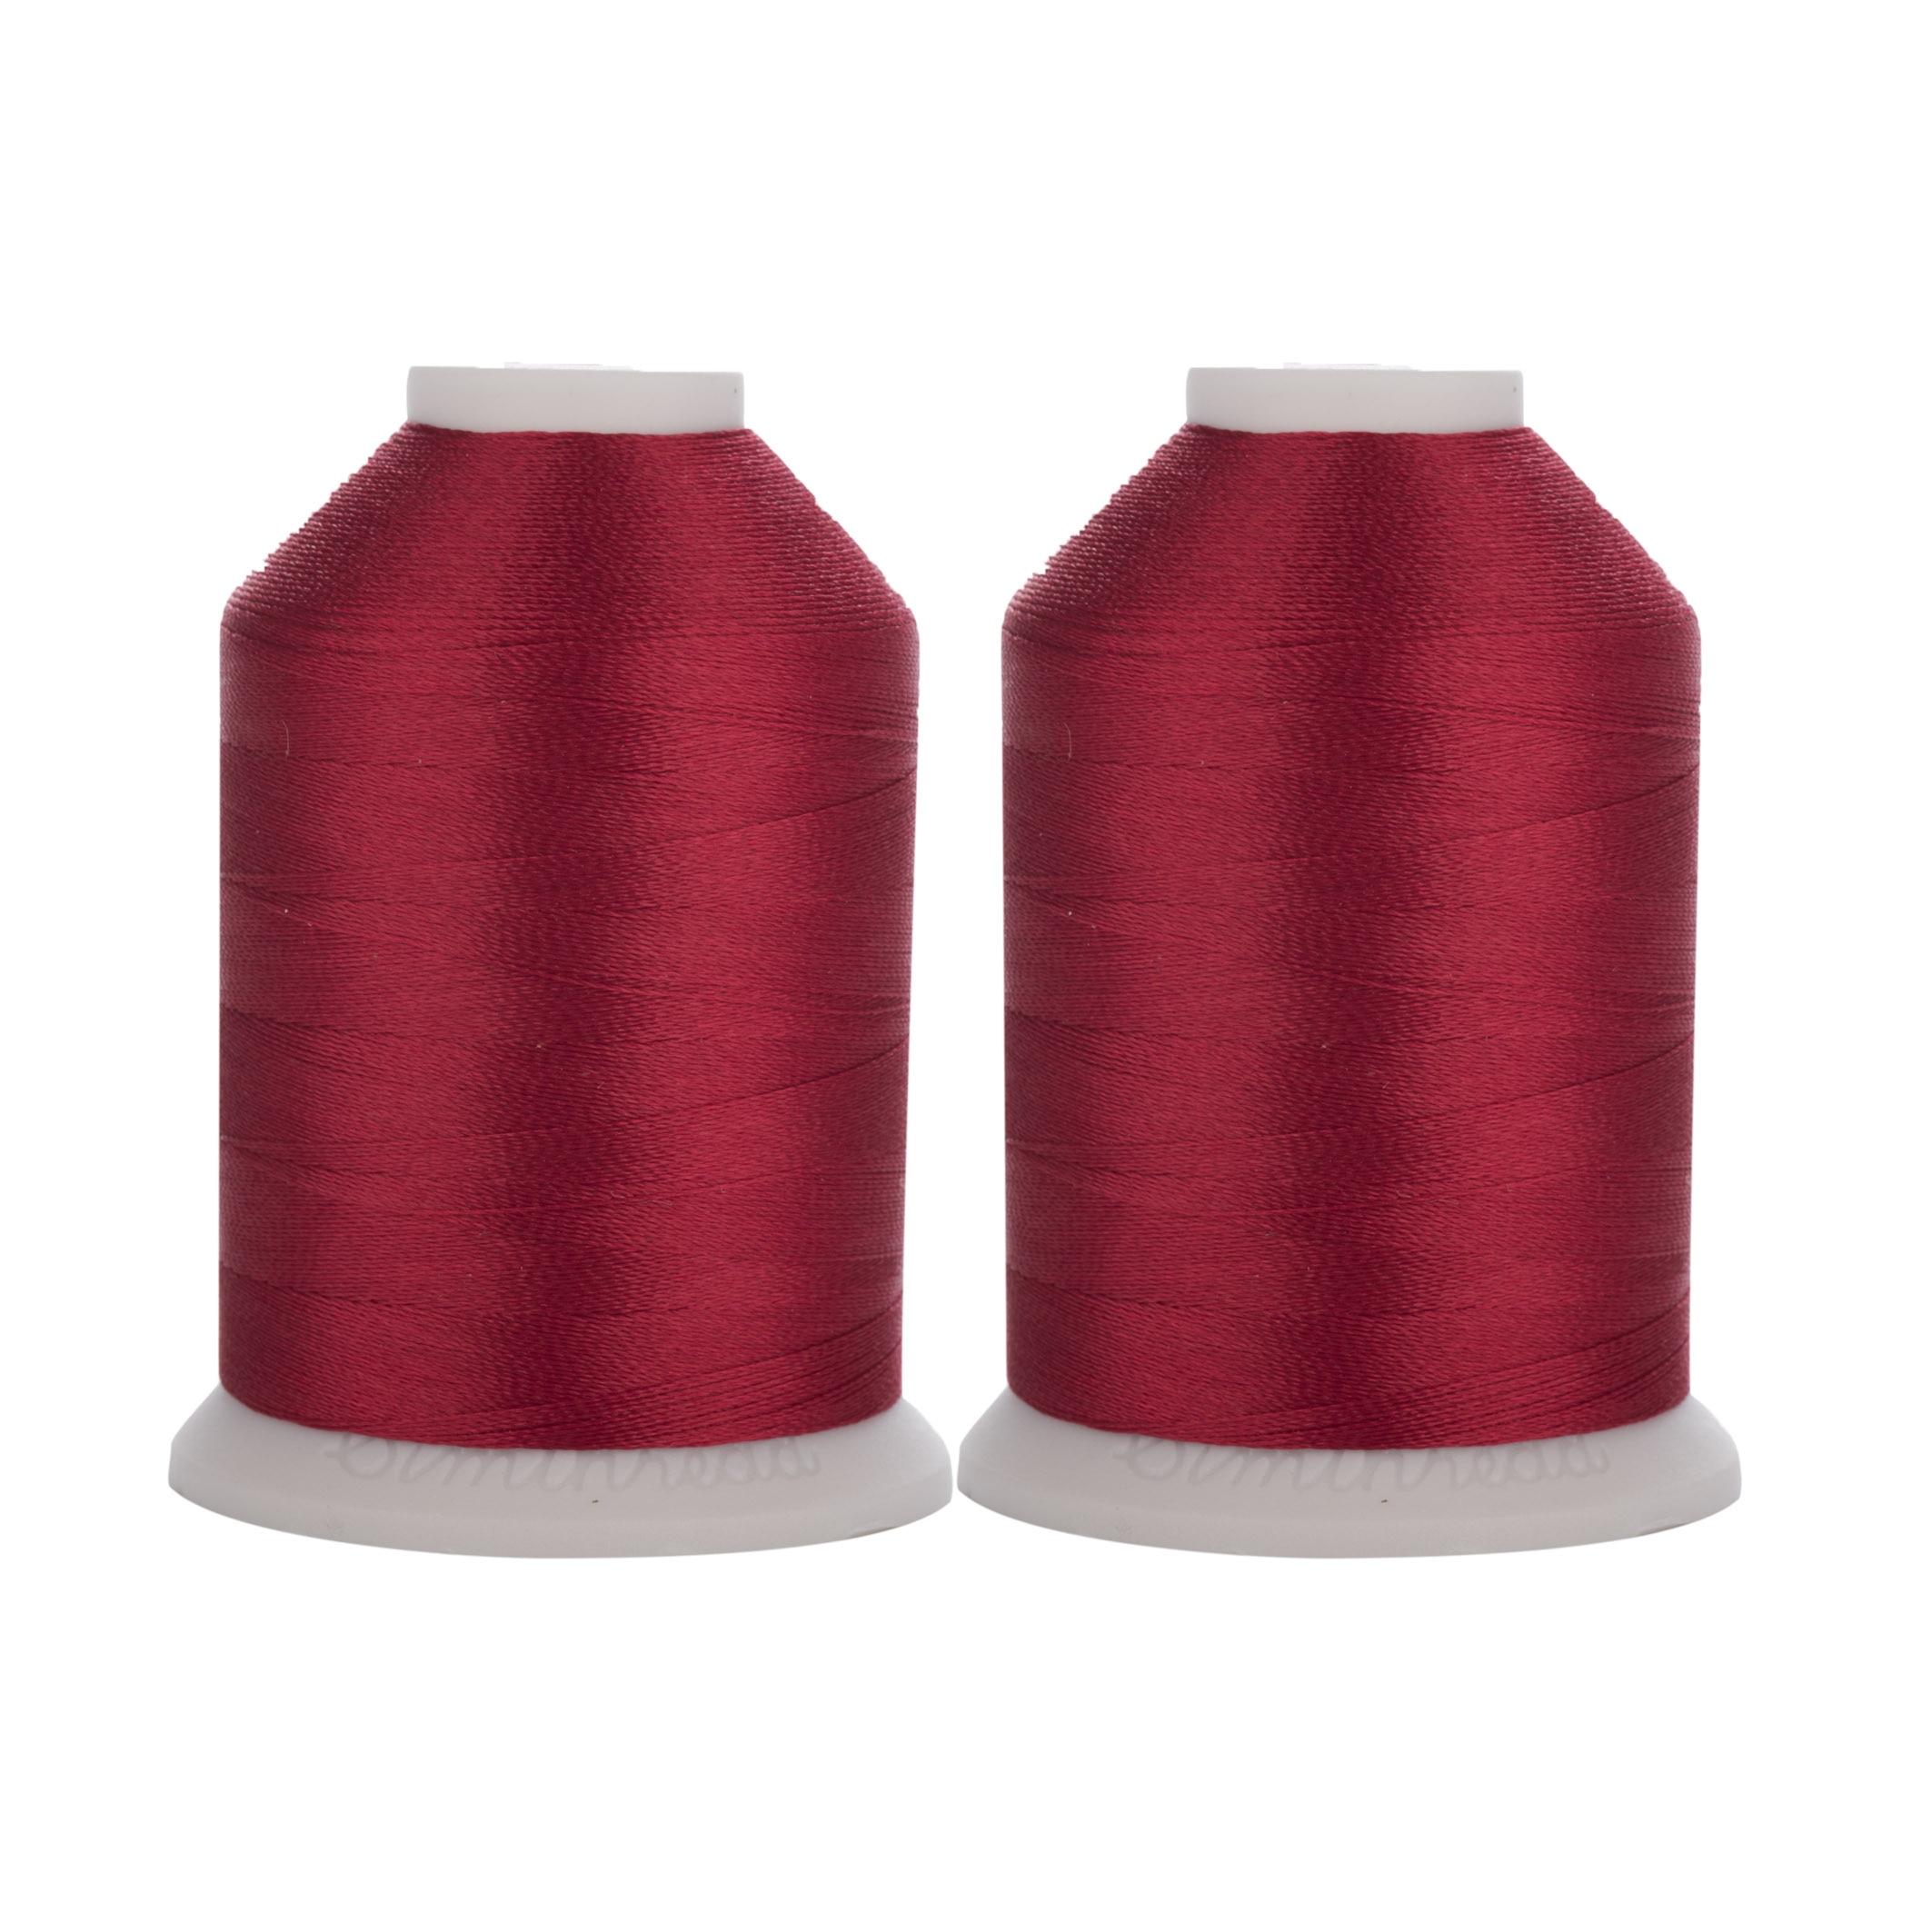 Linha de costura vermelha 40wt tkt 800 tex 27 da linha do bordado do poliéster trilobal de simthread 120 em 1100y com 2 carretéis enormes